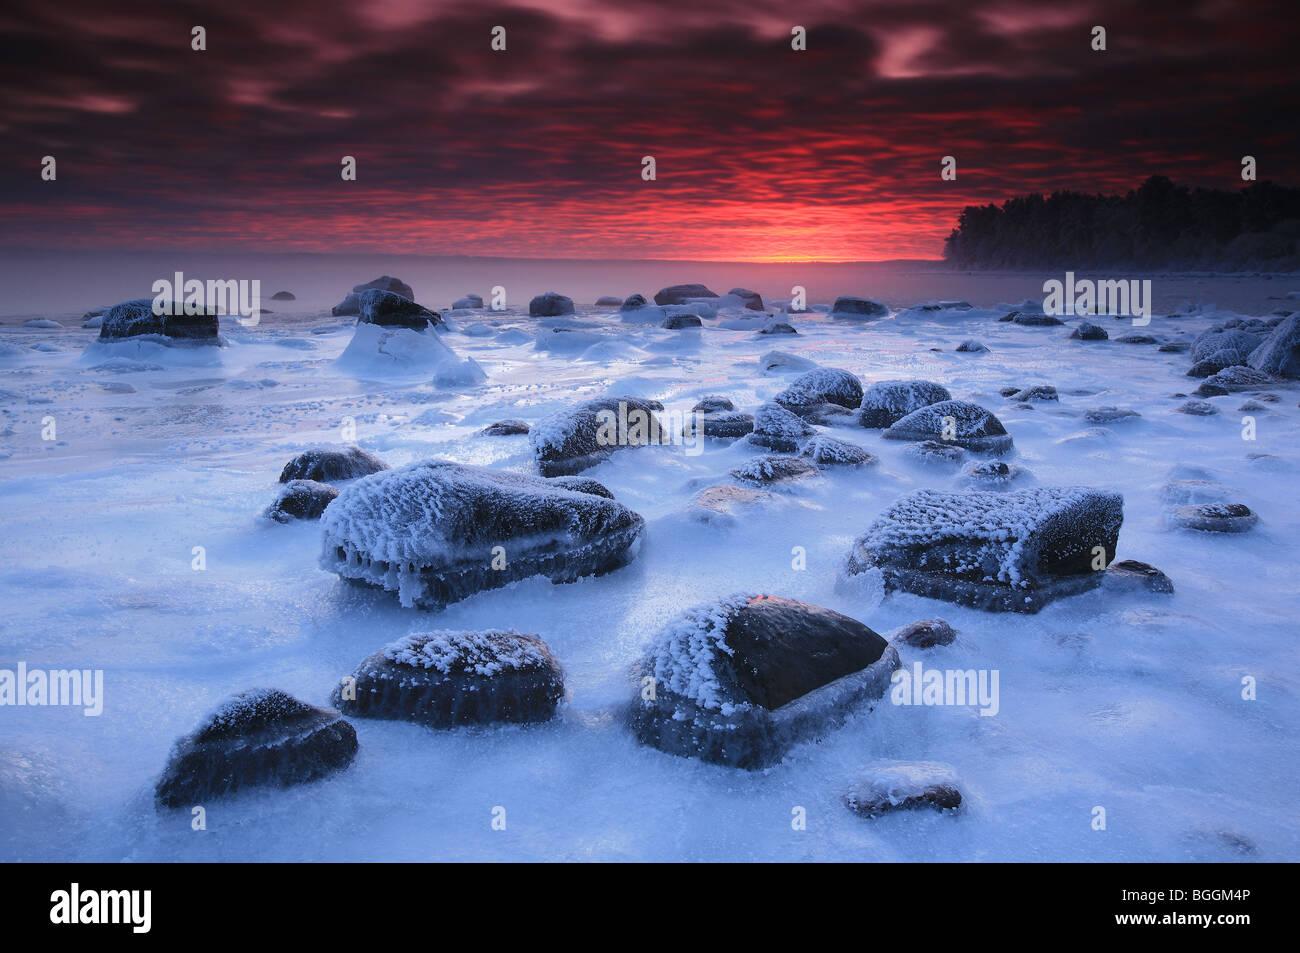 Paisaje costero congelados al amanecer, en Østfold Larkollen en Rygge, fylke, Noruega. Imagen De Stock